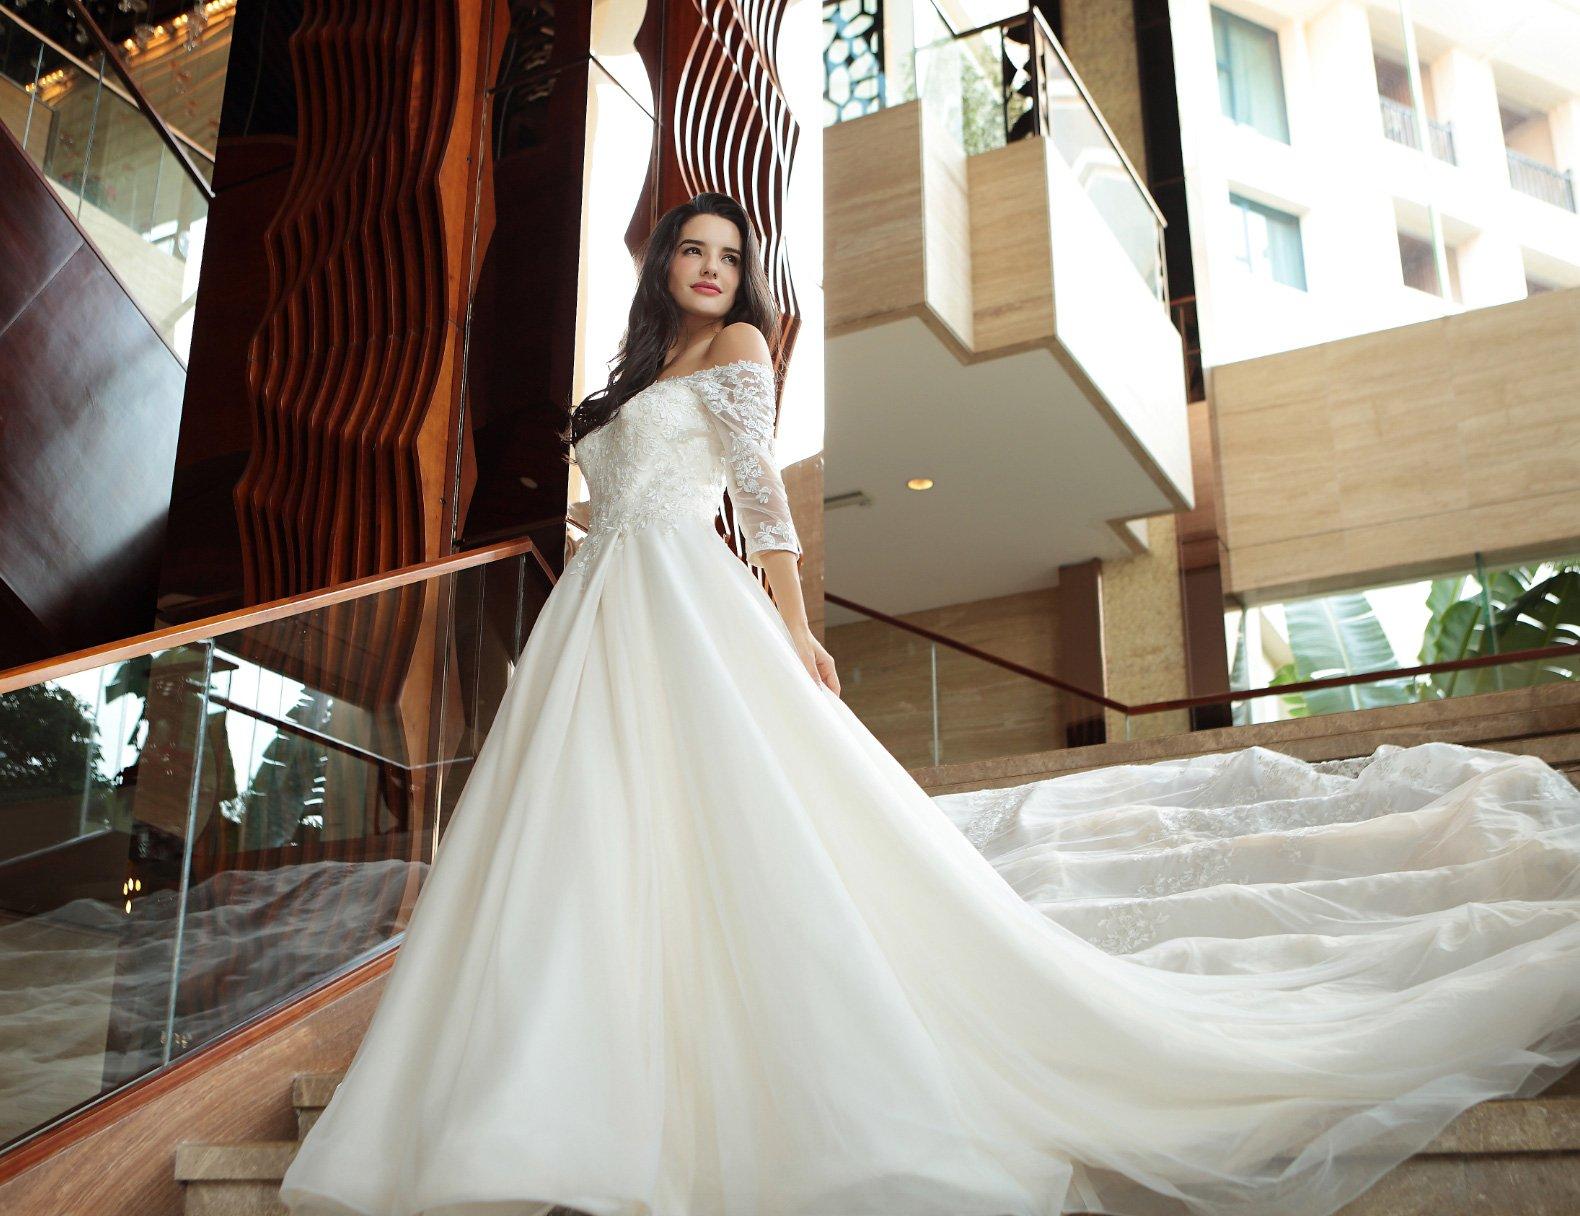 7fbd9da6 Butik med brudekjoler, selskabskjoler og konfirmationskjoler til ...